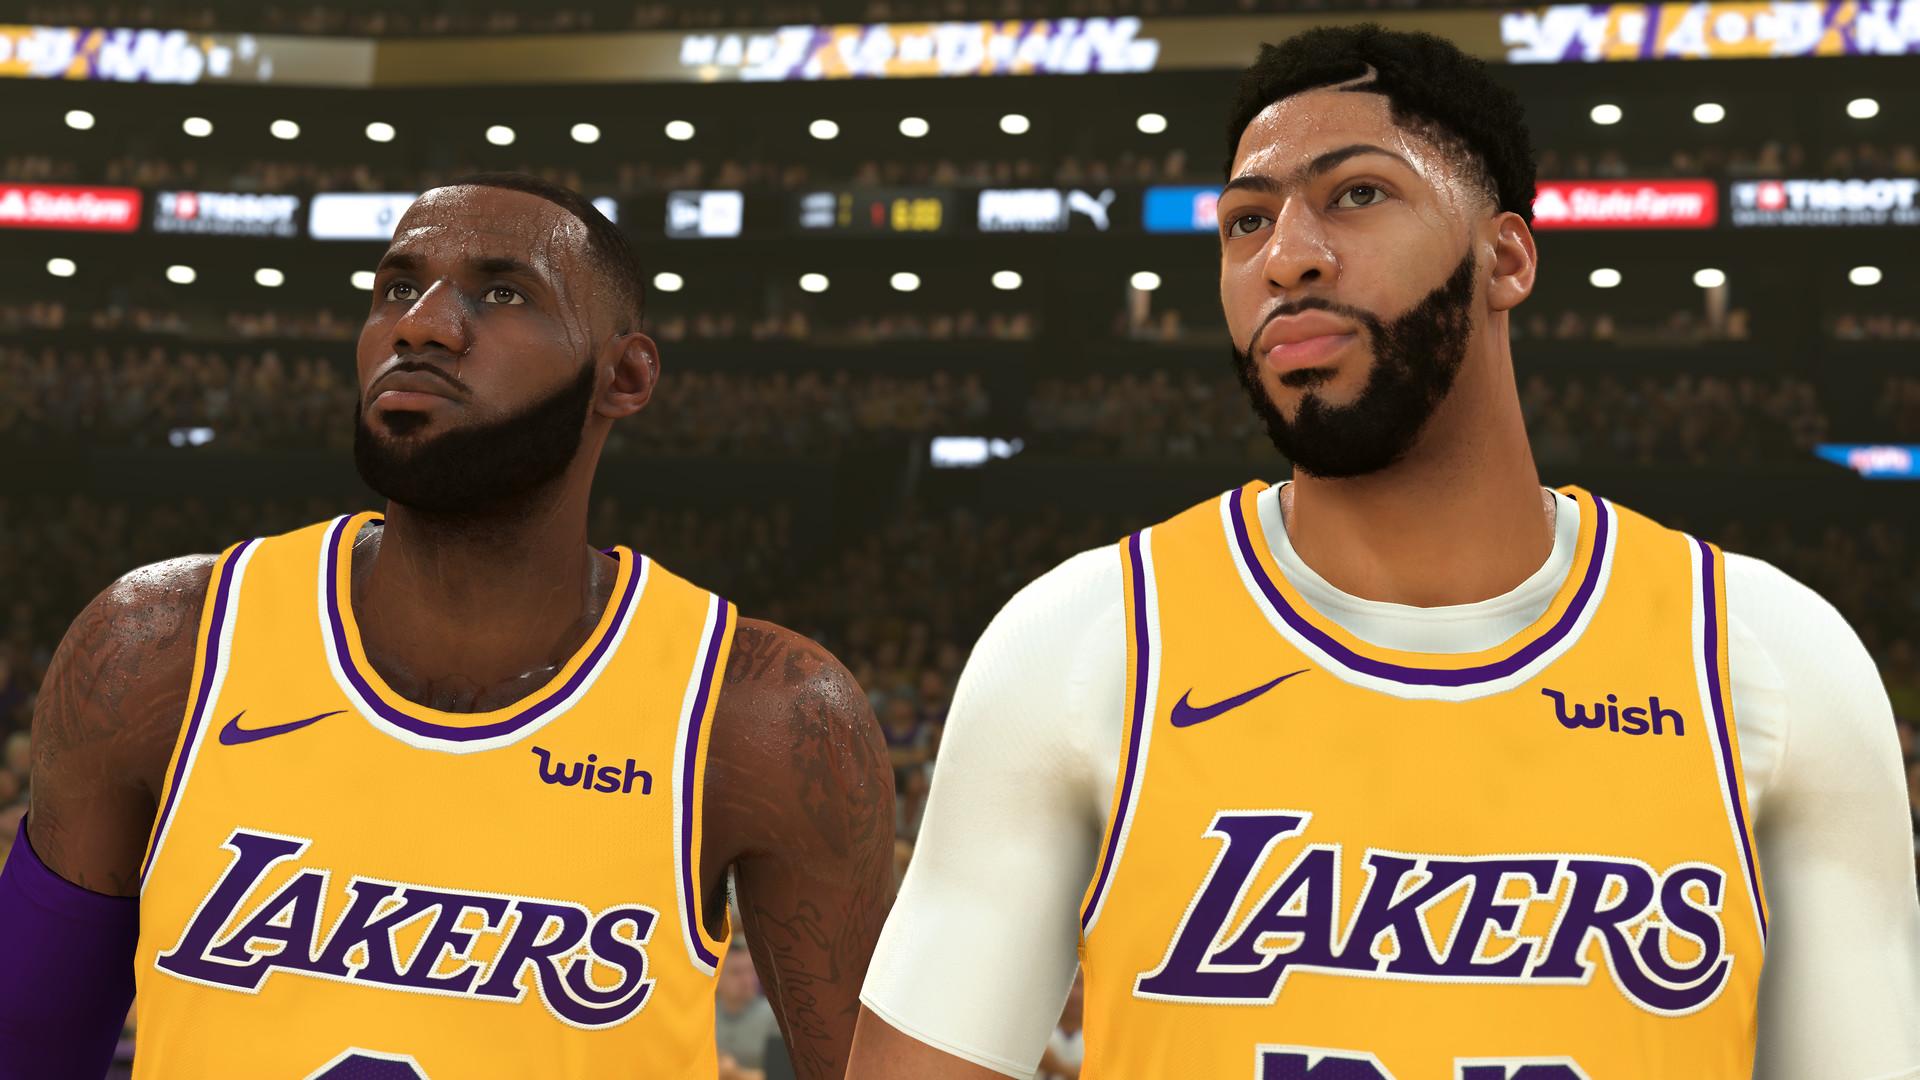 A screenshot from NBA 2K20.